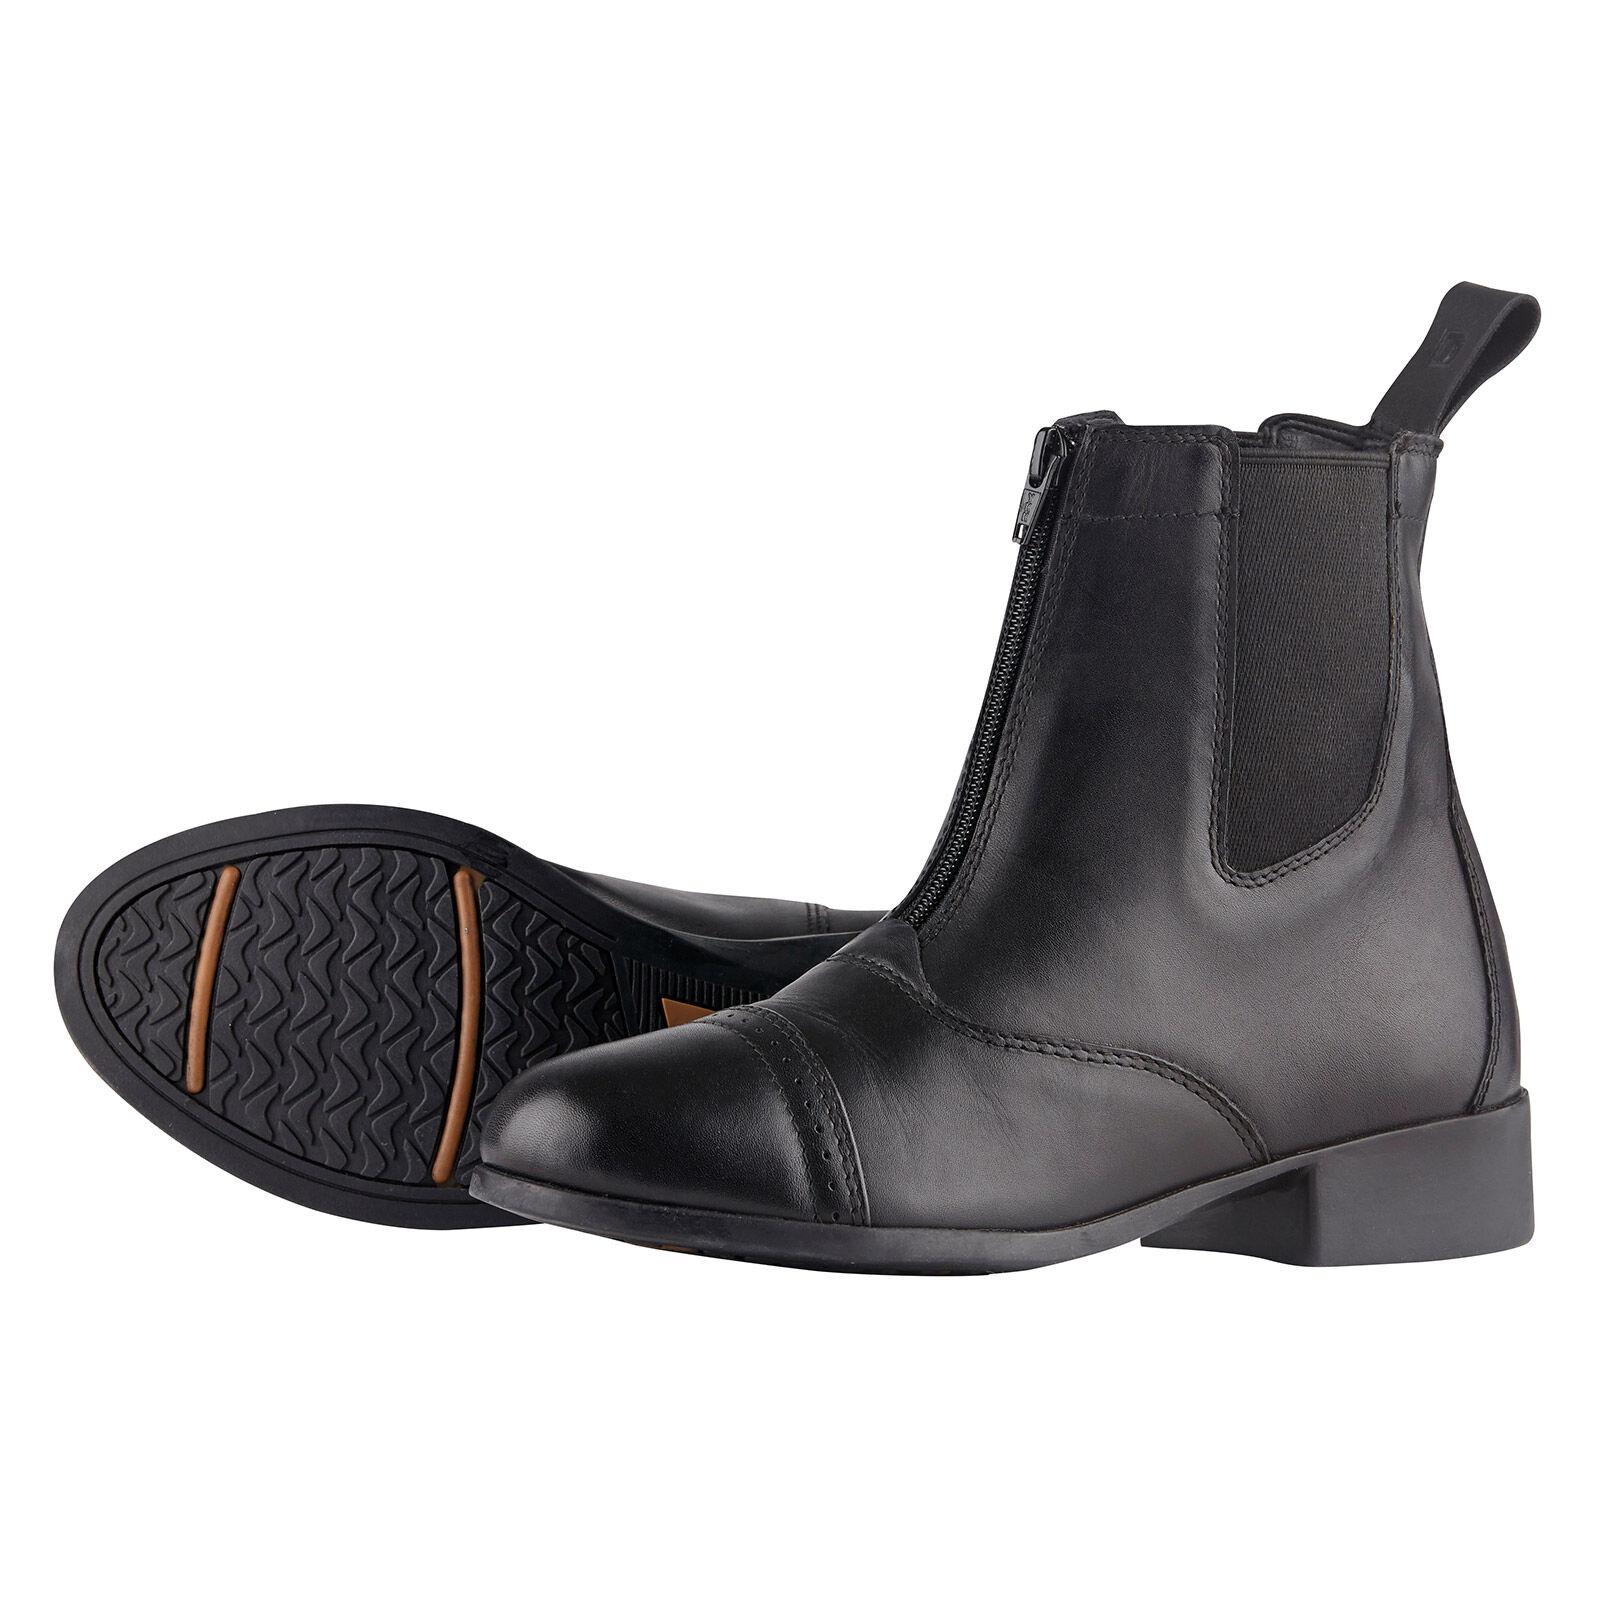 Dublin Chaussures D'Équitation Pour Homme - Noir - Noir, 41.5